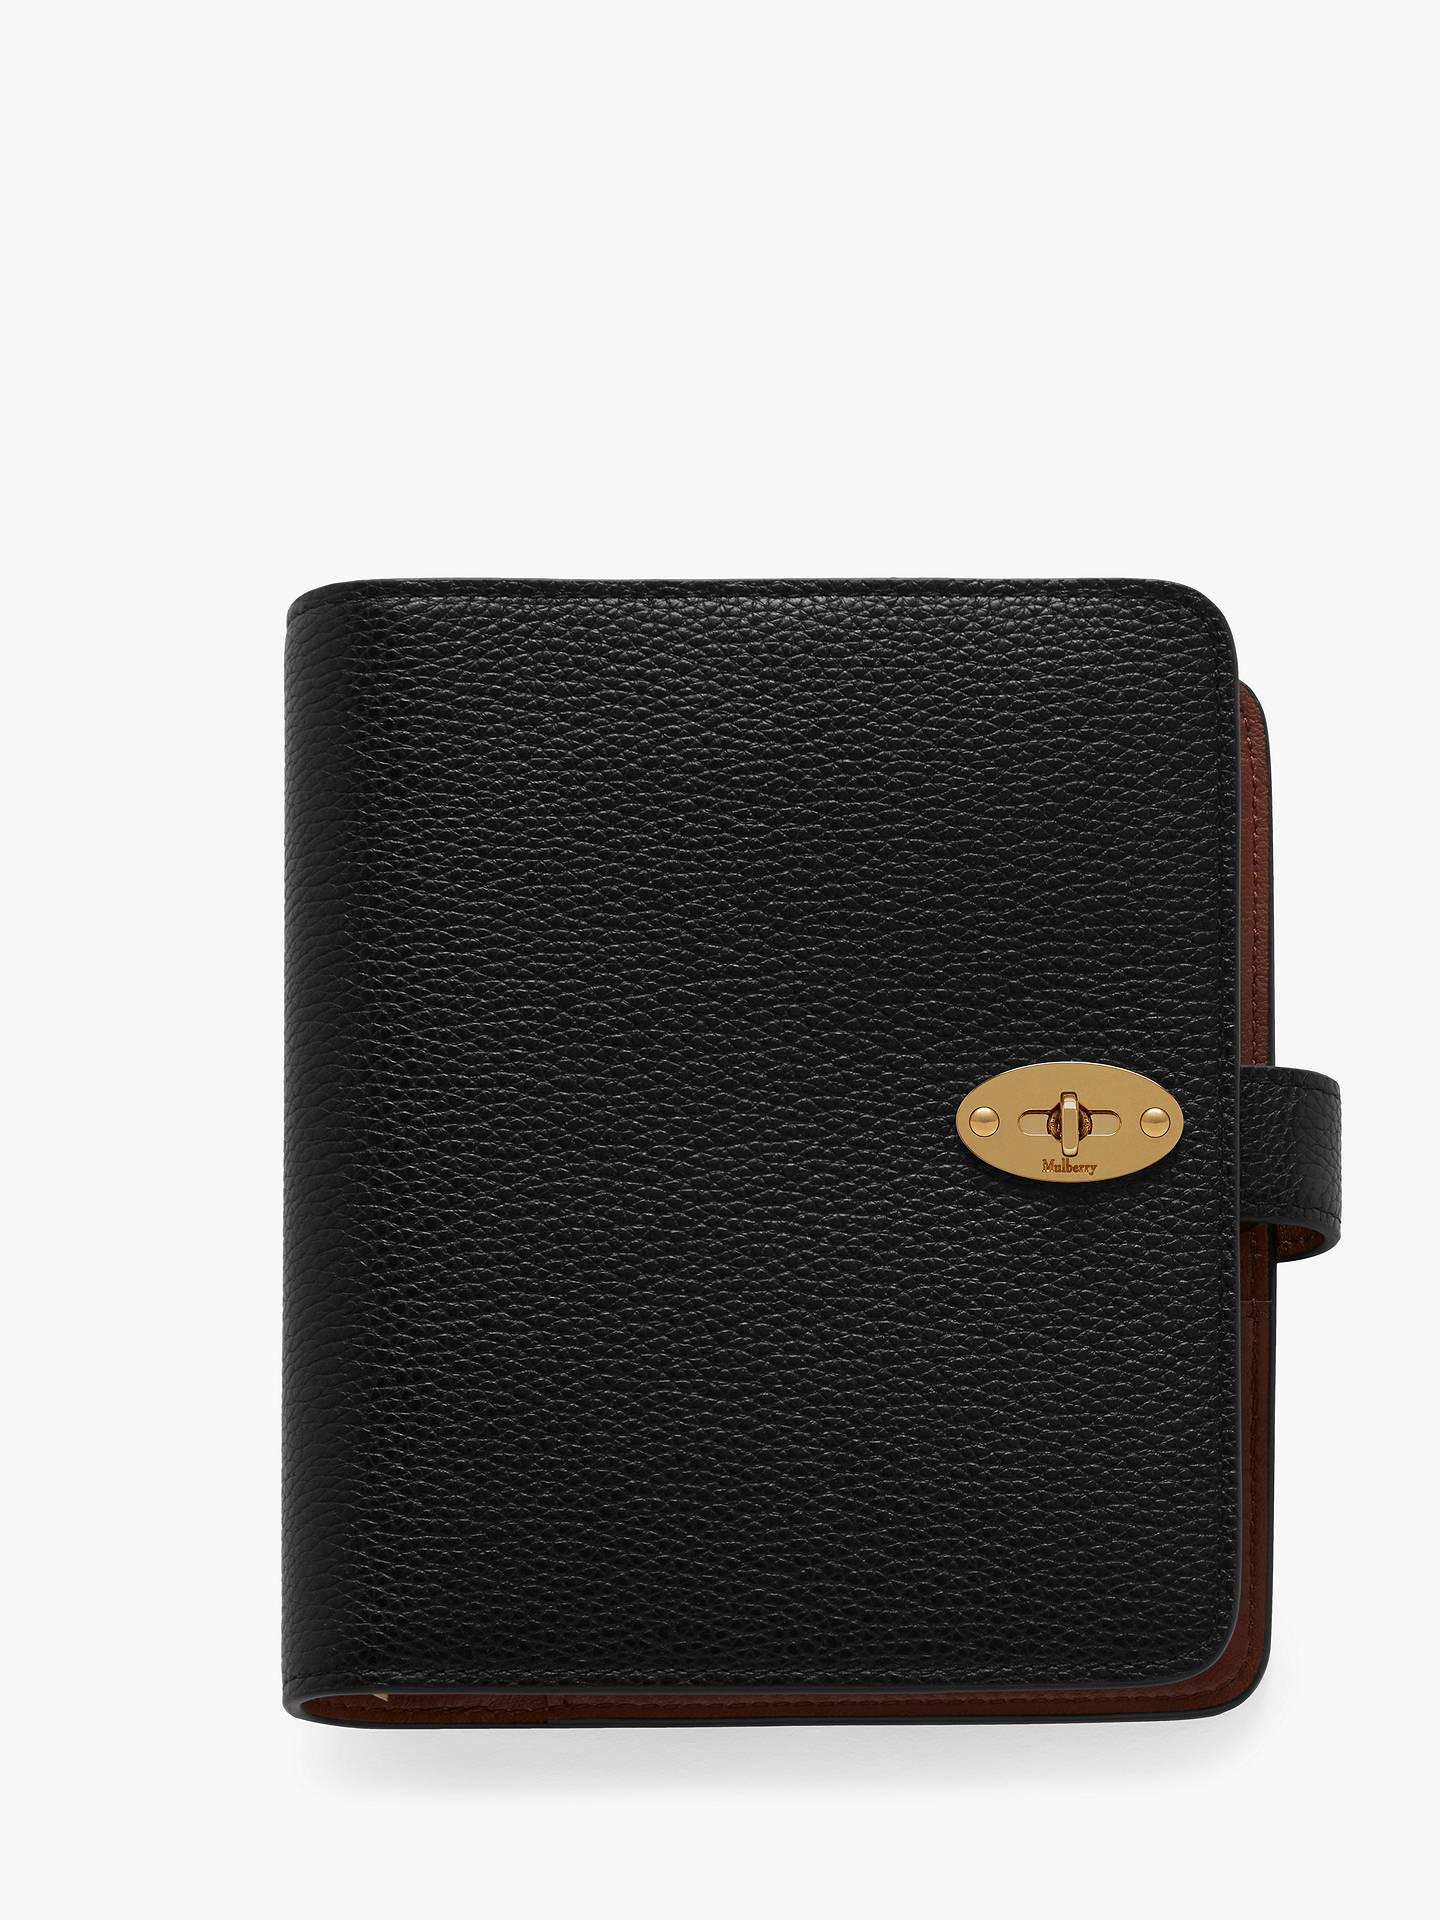 8f0a3f5e4d Buy Mulberry Small Classic Grain Leather Postman s Lock Agenda